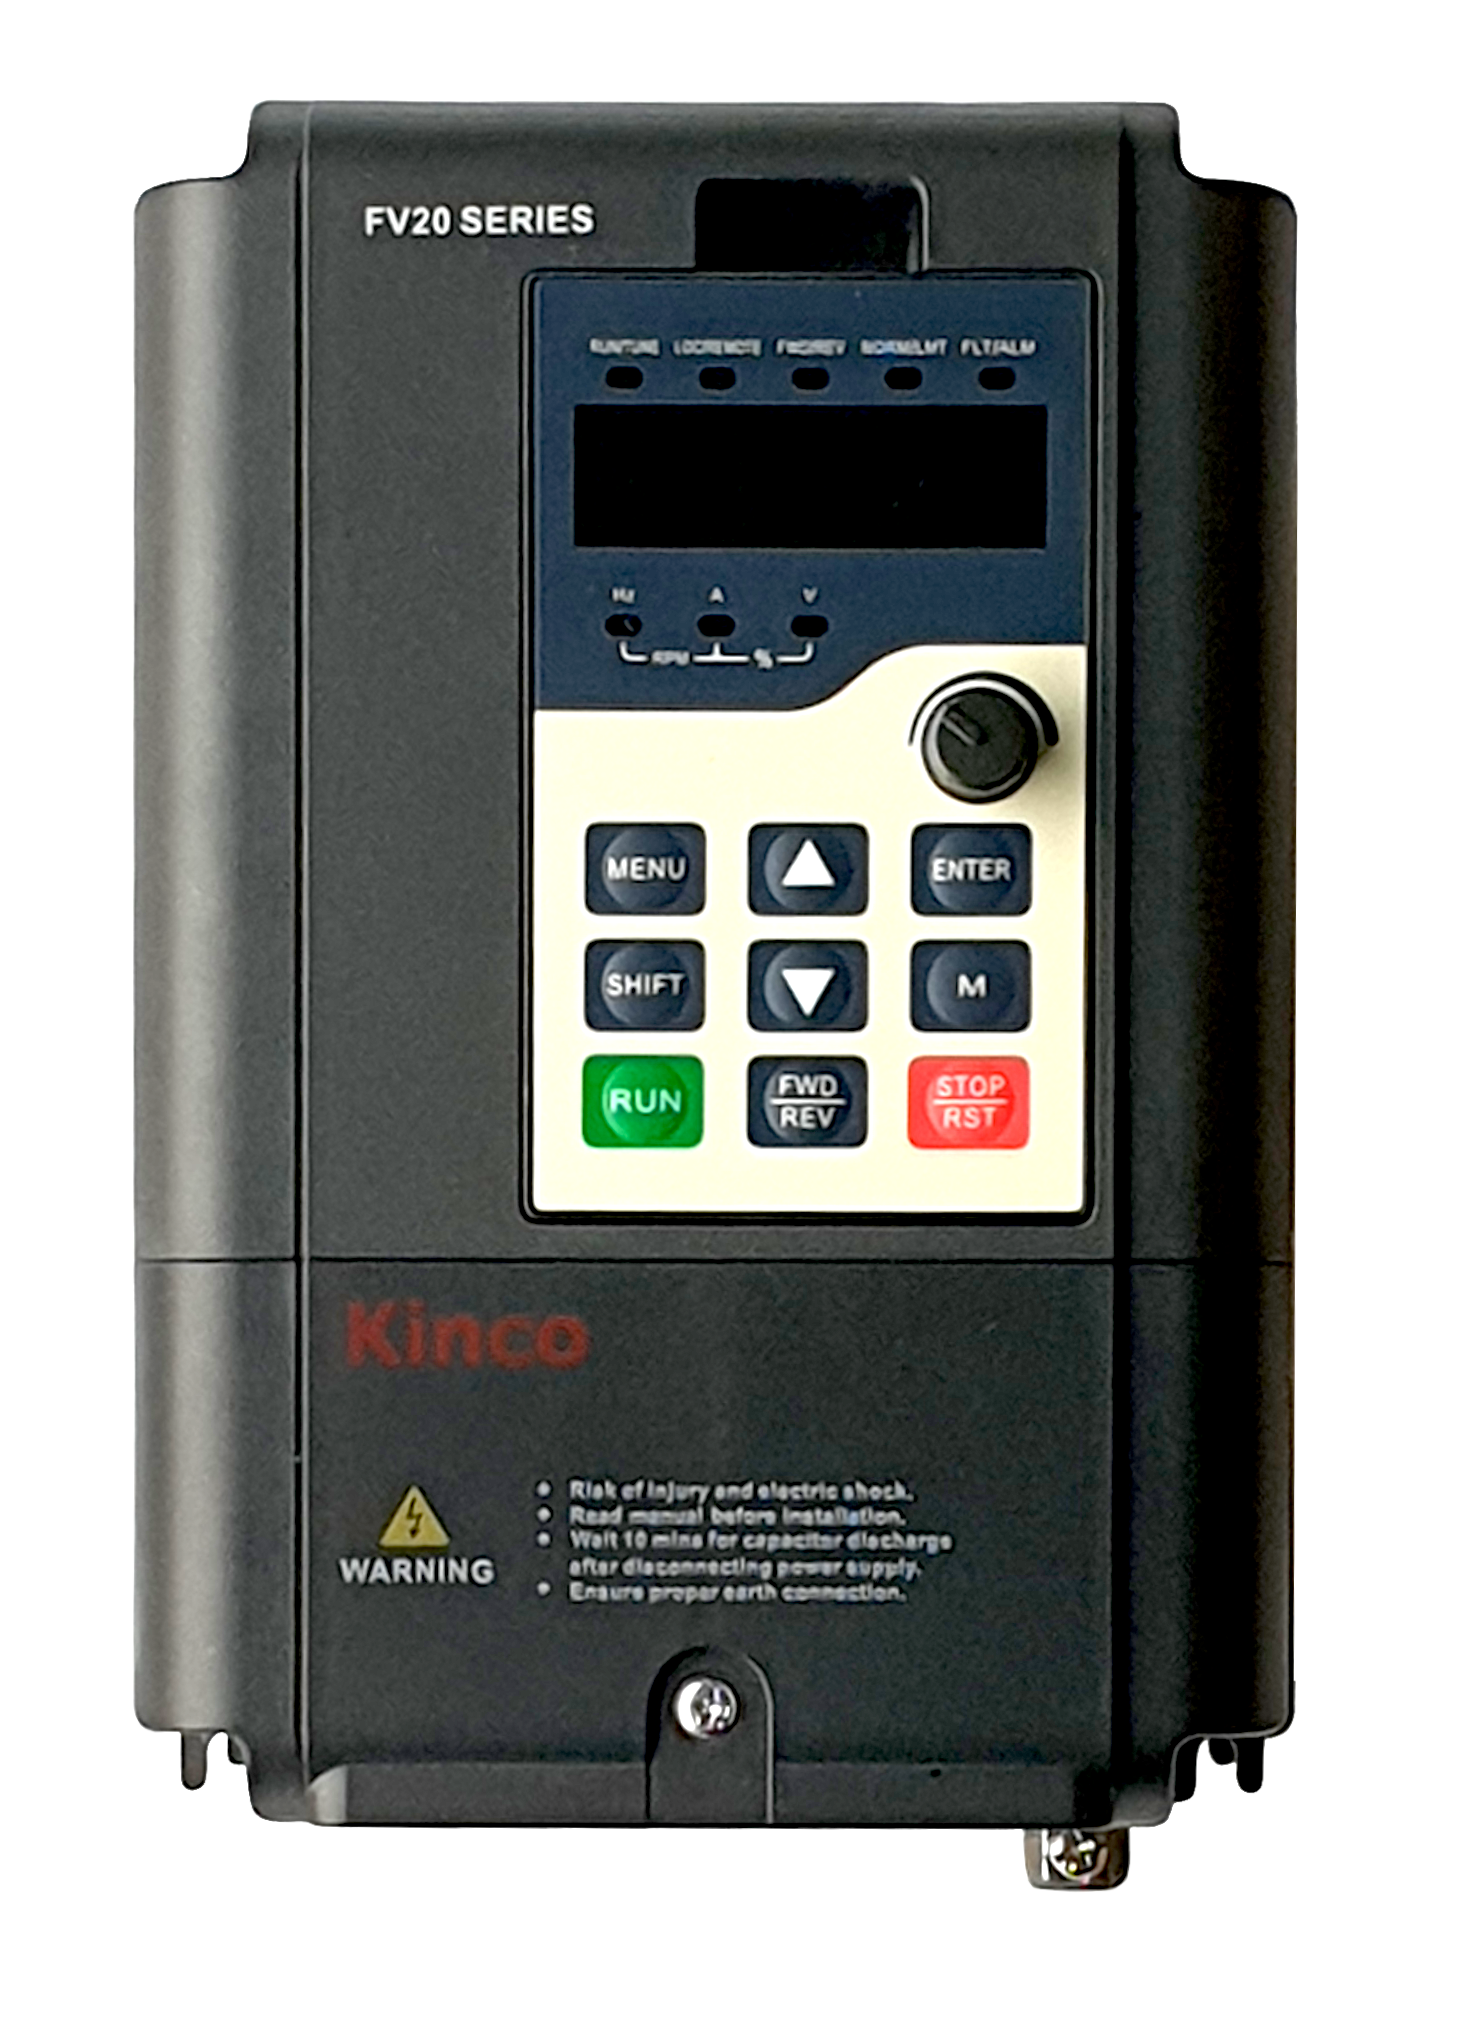 Kinco Frequenzumrichter FV20-4T-0015G (1,5 kW) dreiphasig 400 VAC